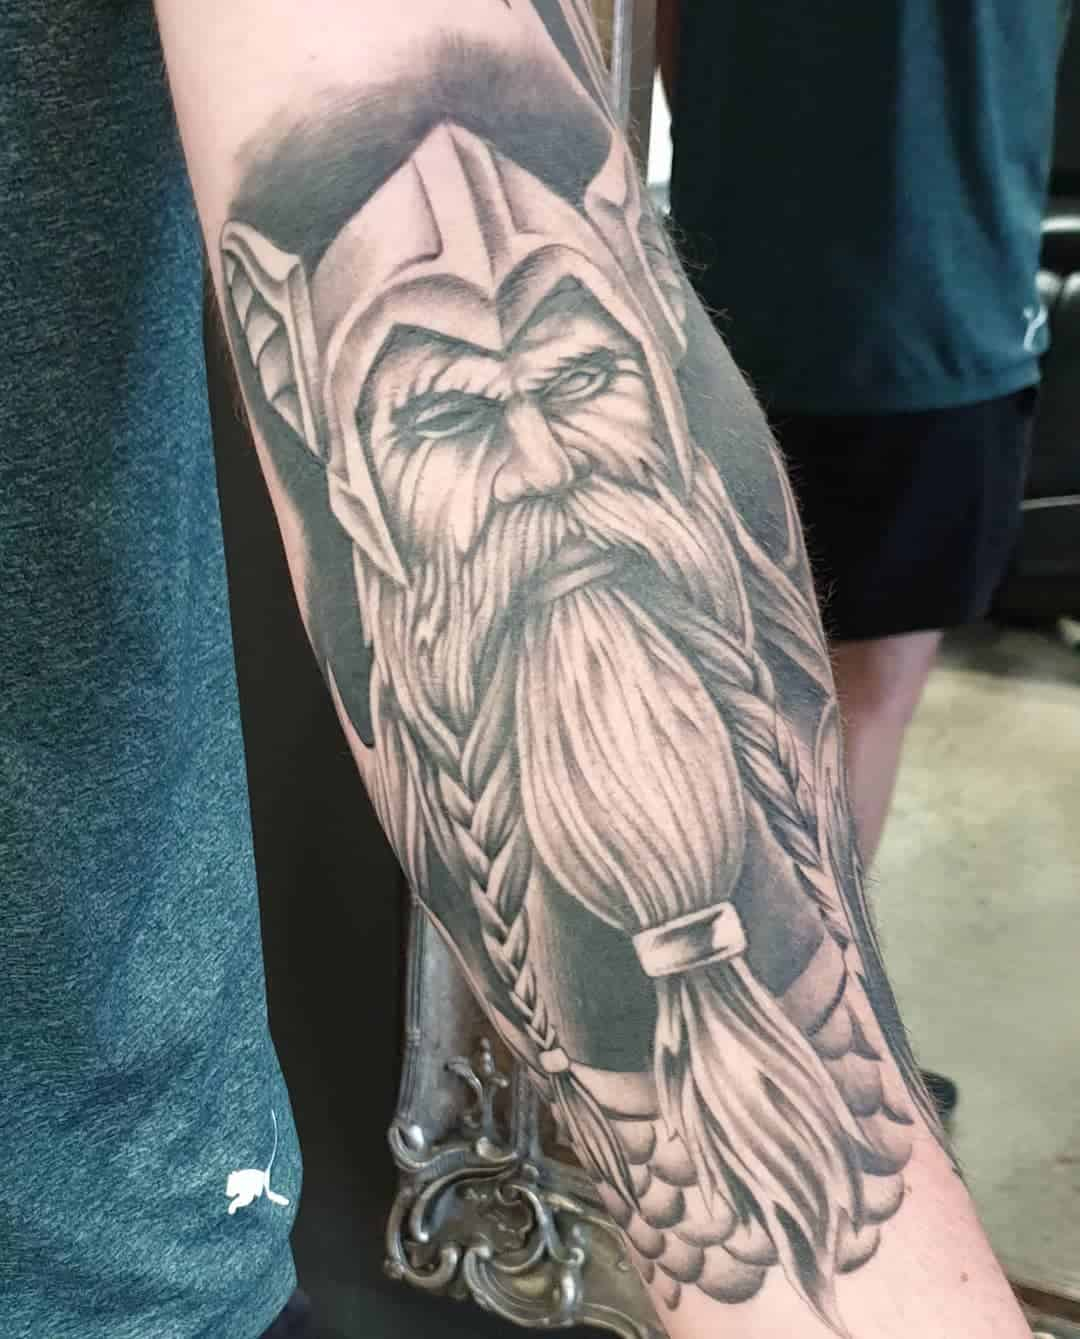 Norse Mythology Inspired Celtic Image Of A Warrior